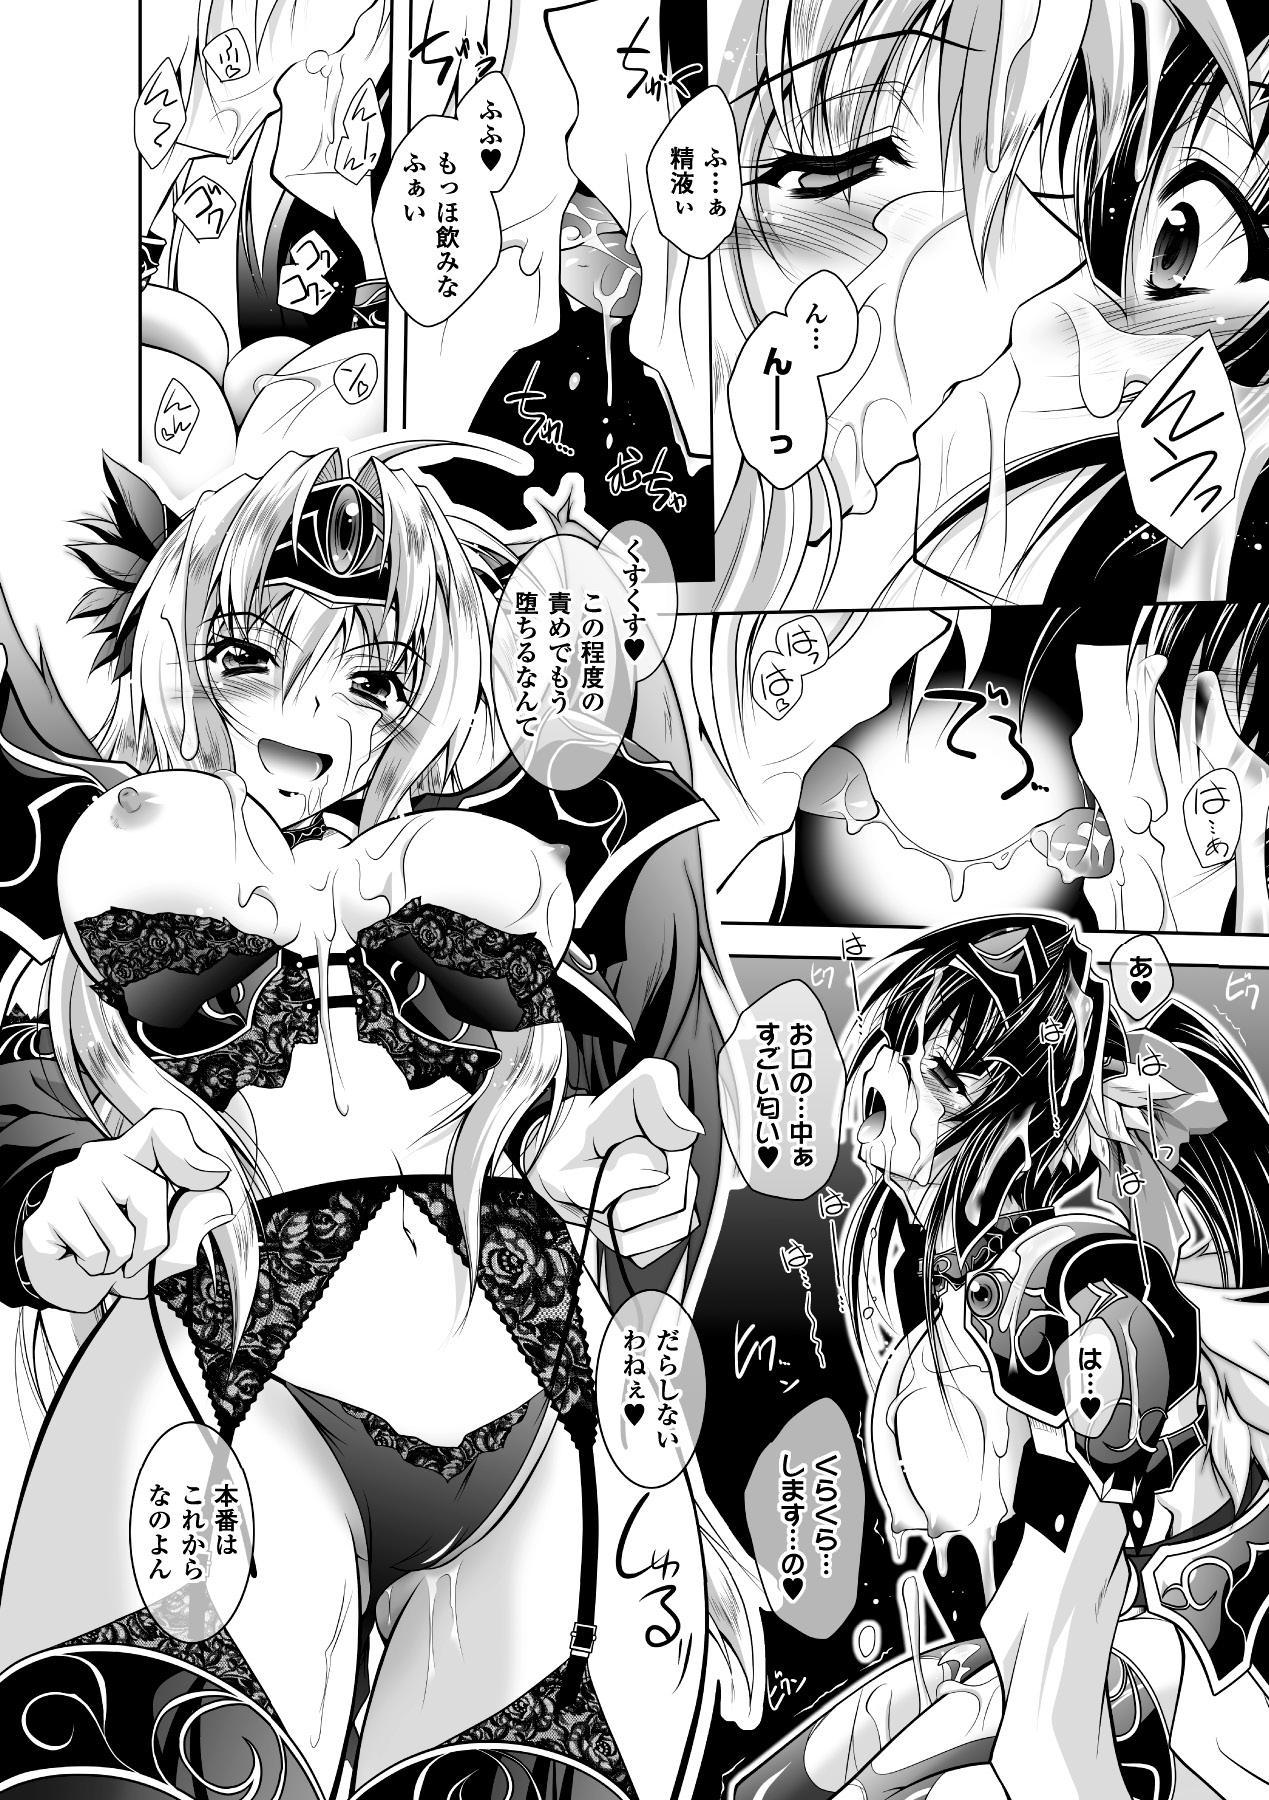 [Parfait] Mesu Inu no Tooboe ~Injyoku Elegy~ - The Howling Of A Bitch [Digital] 37